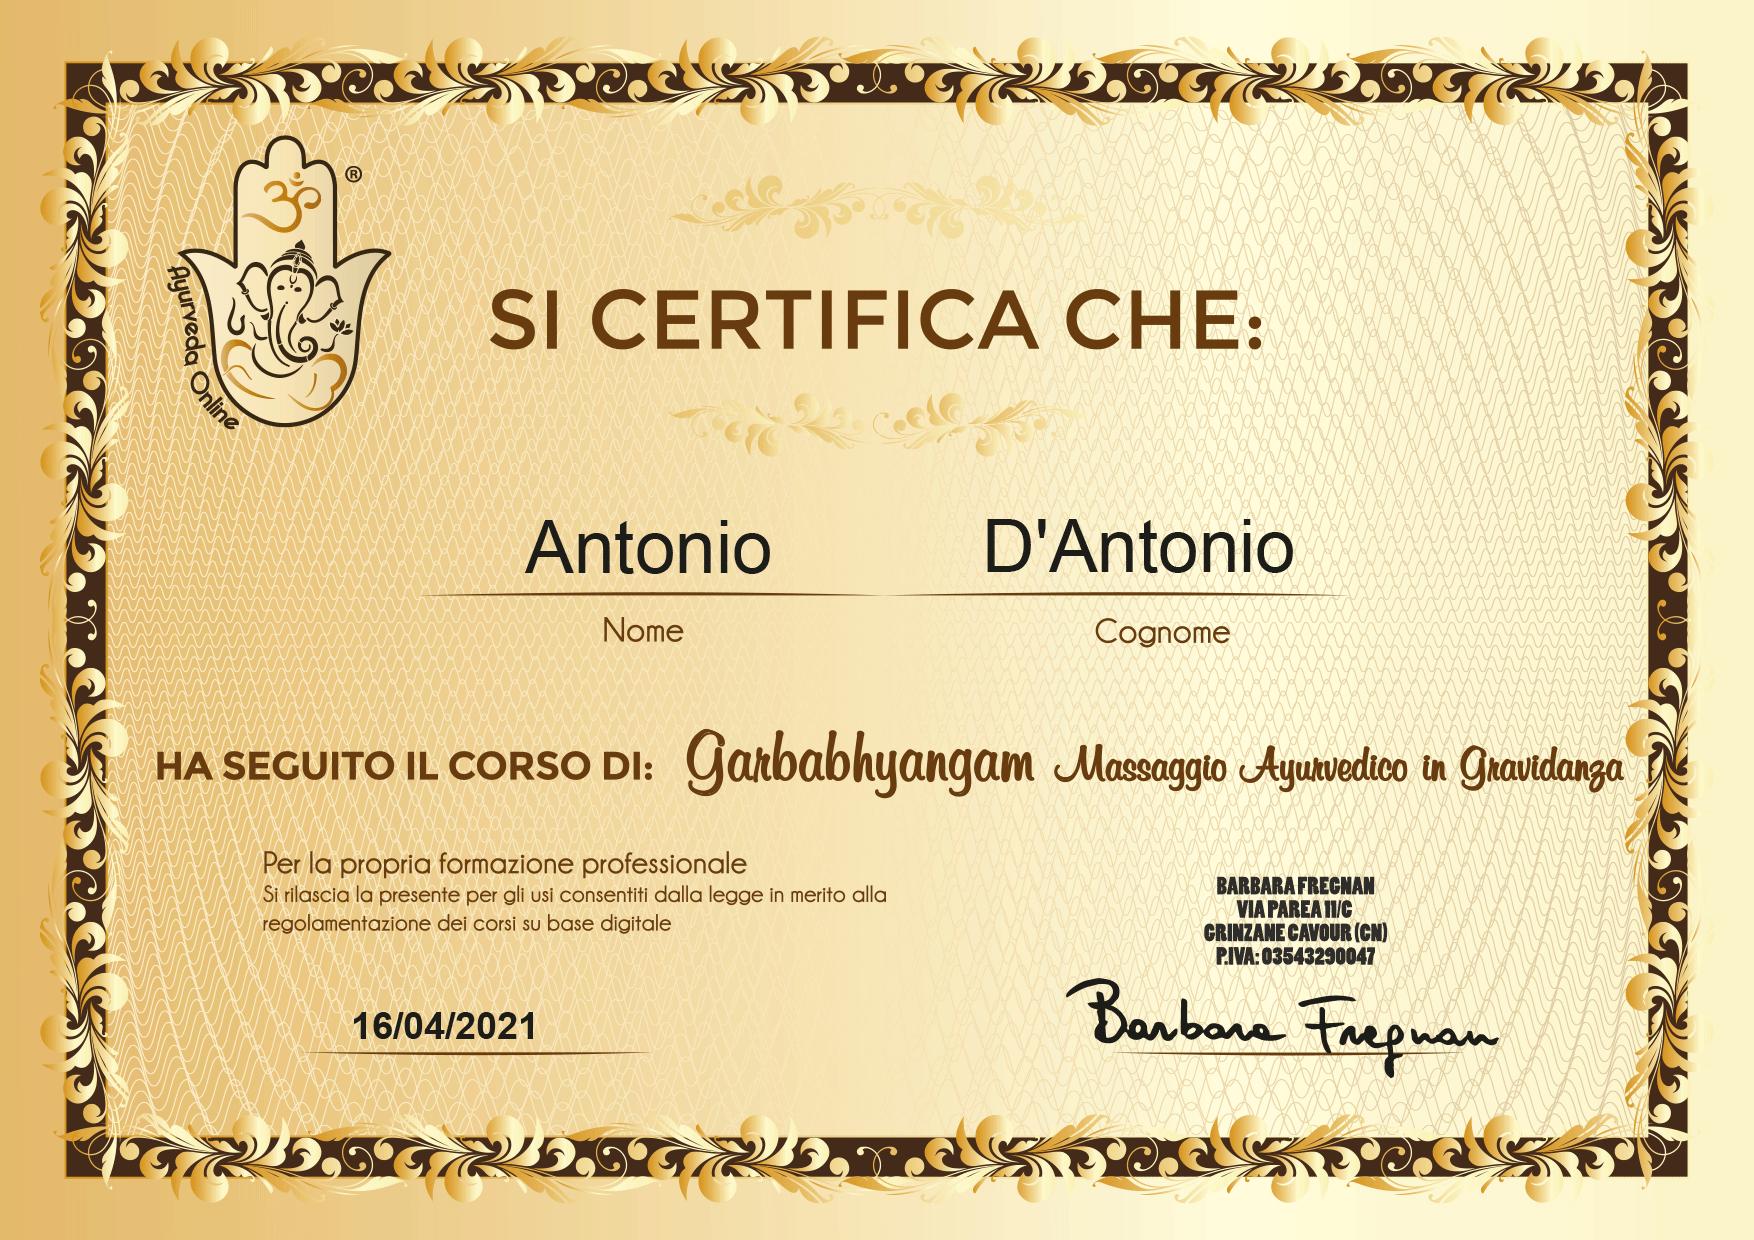 G-Attestato-DAntonio